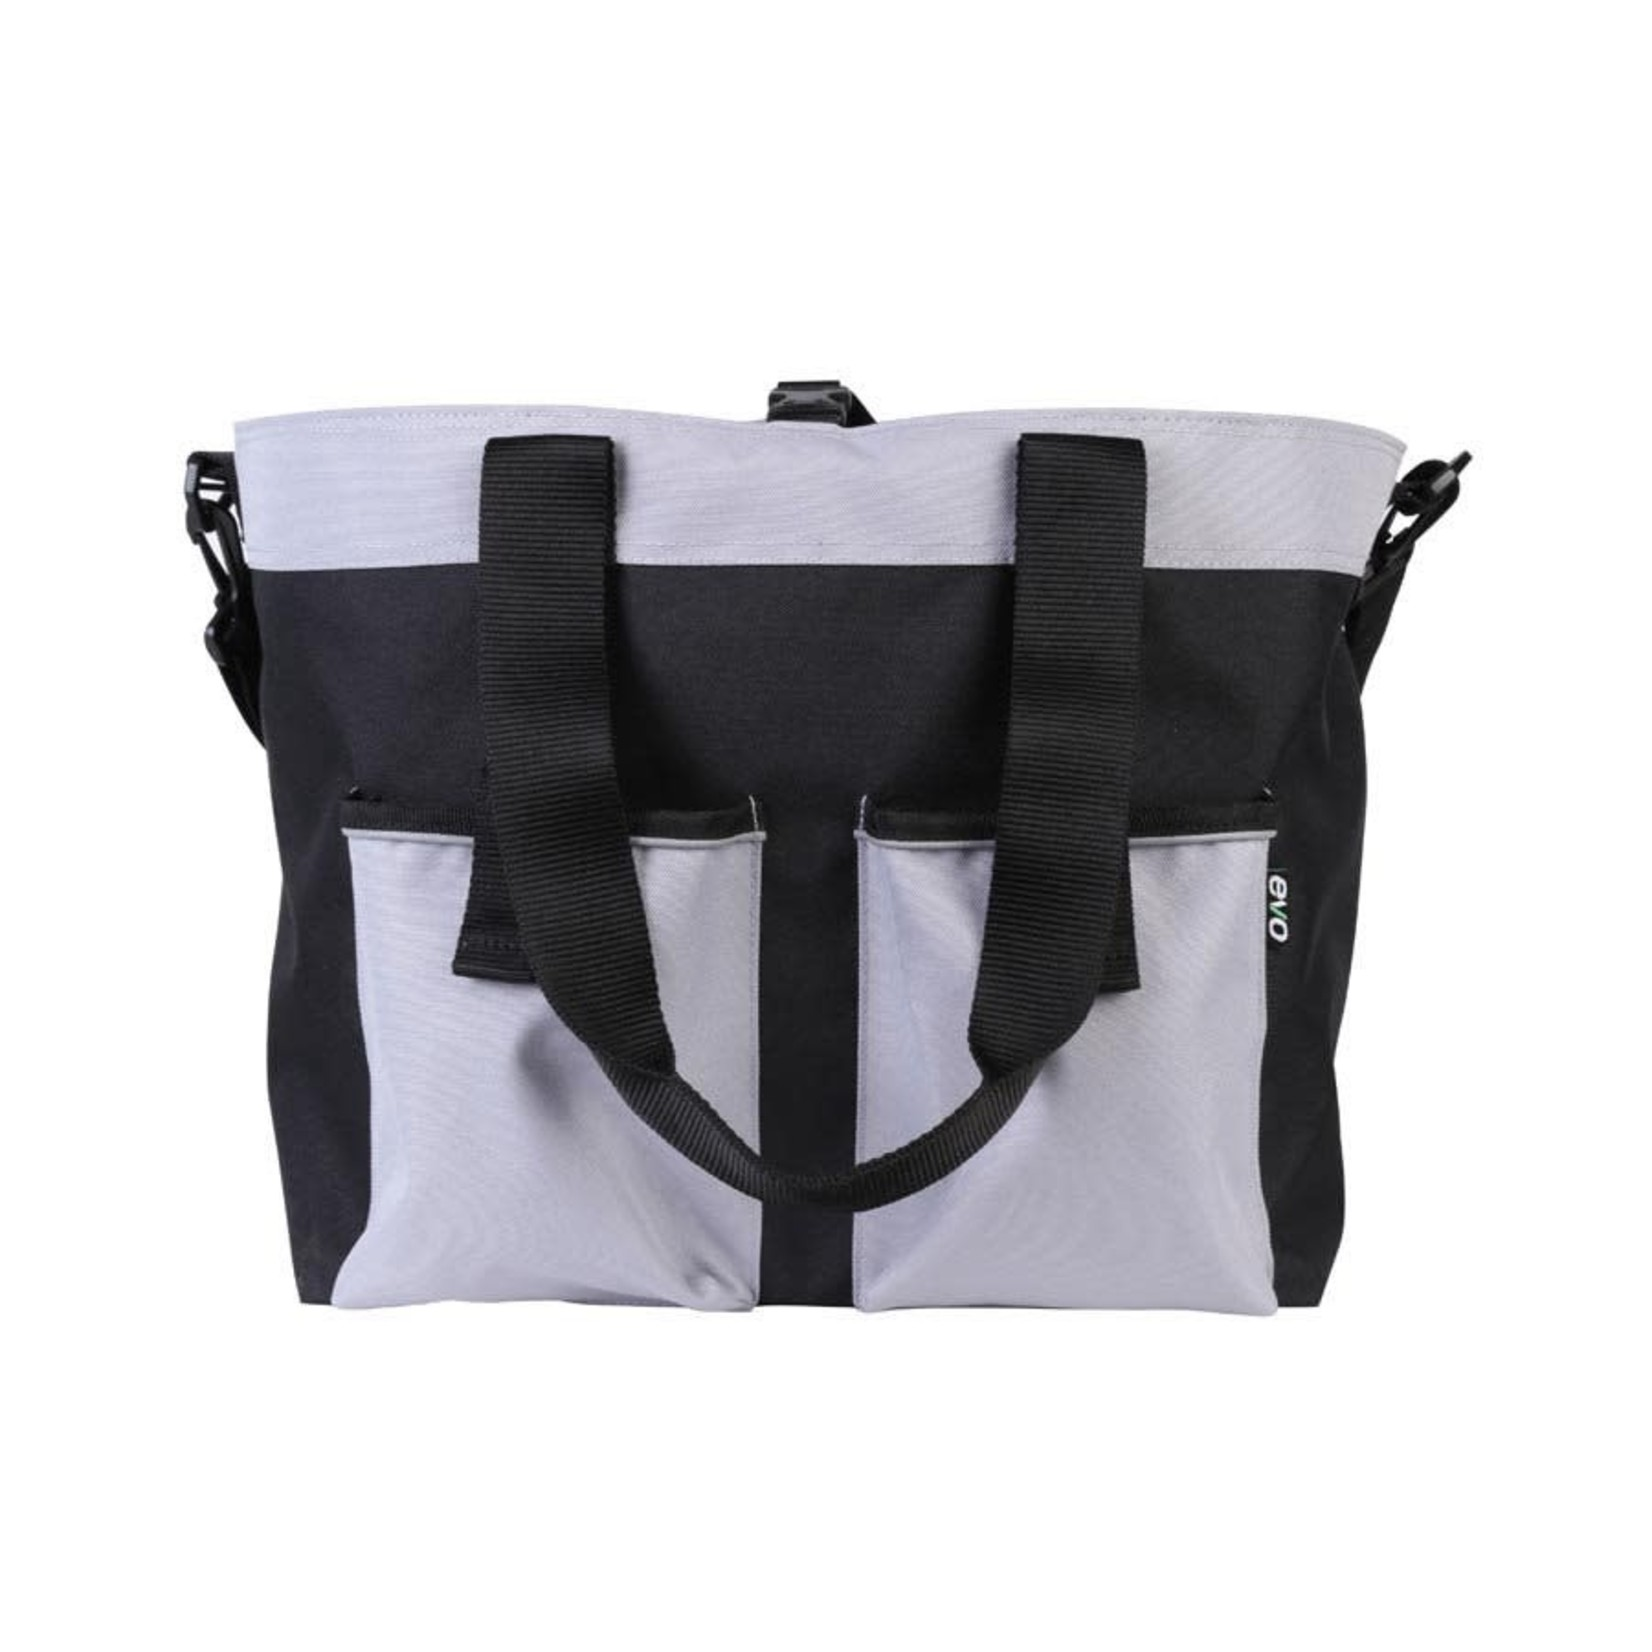 Evo Clutch, Shopper Bag